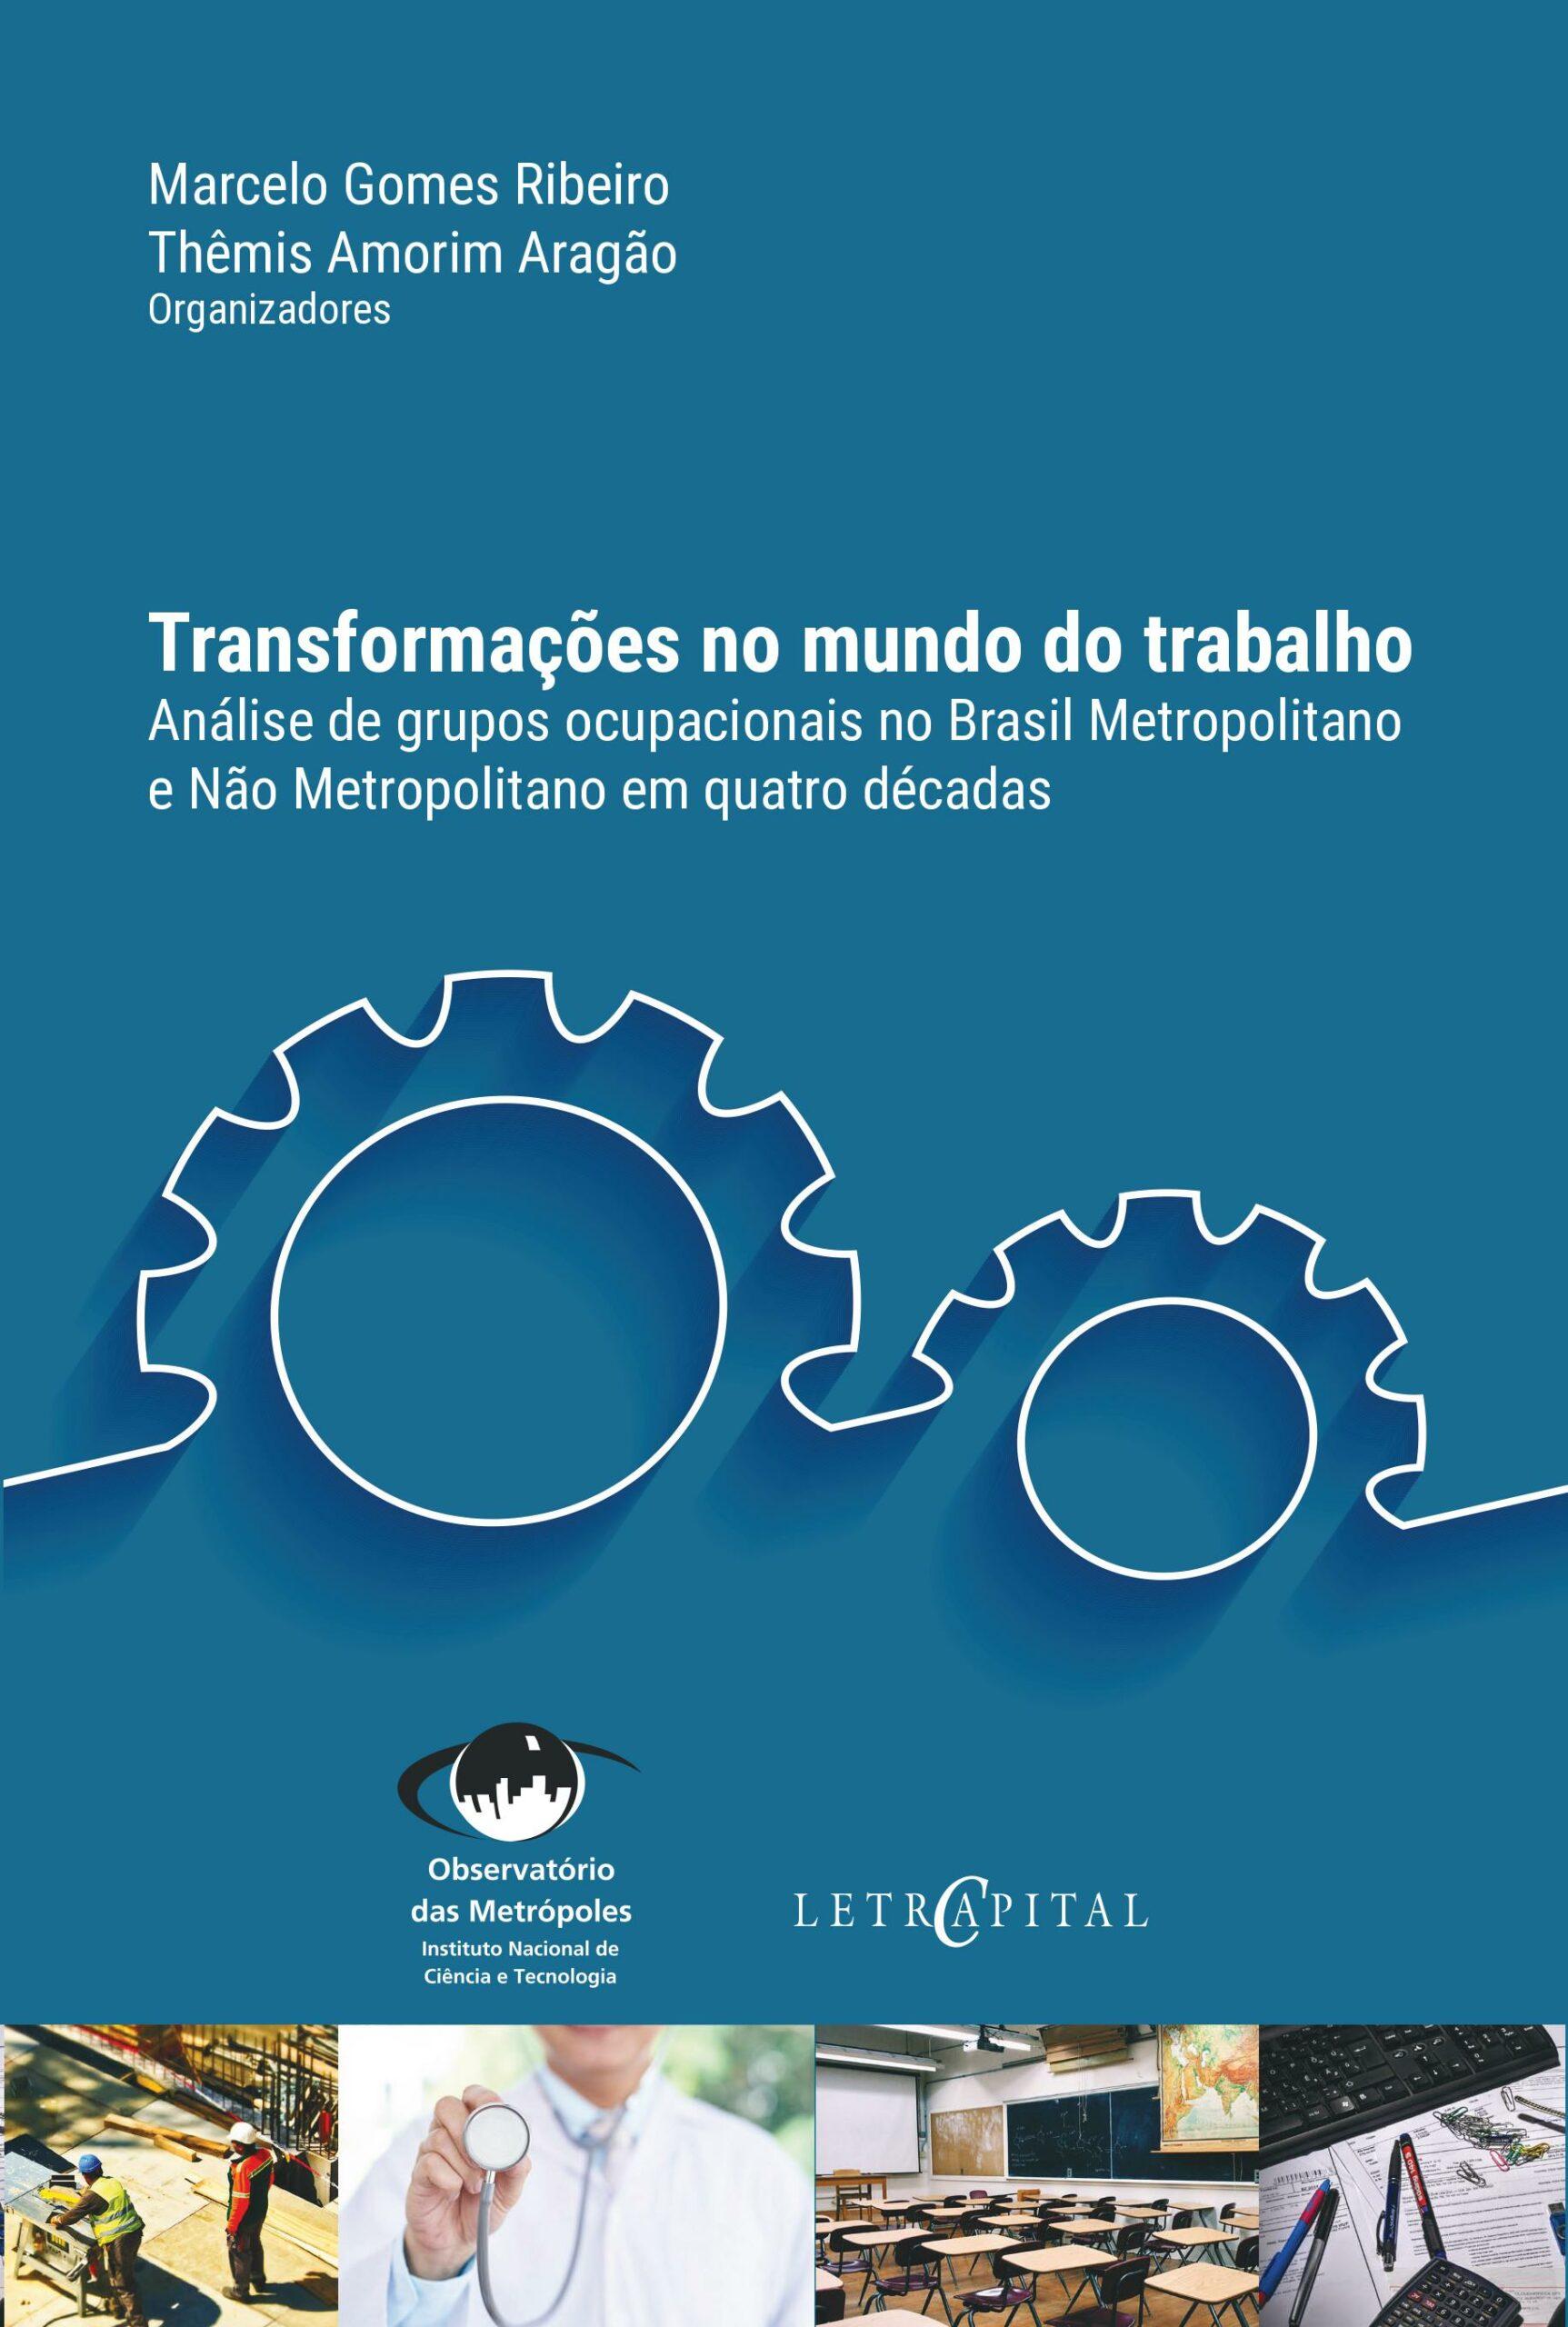 Transformações no mundo do trabalho: análise de grupos ocupacionais no Brasil Metropolitano e Não Metropolitano em quatro décadas